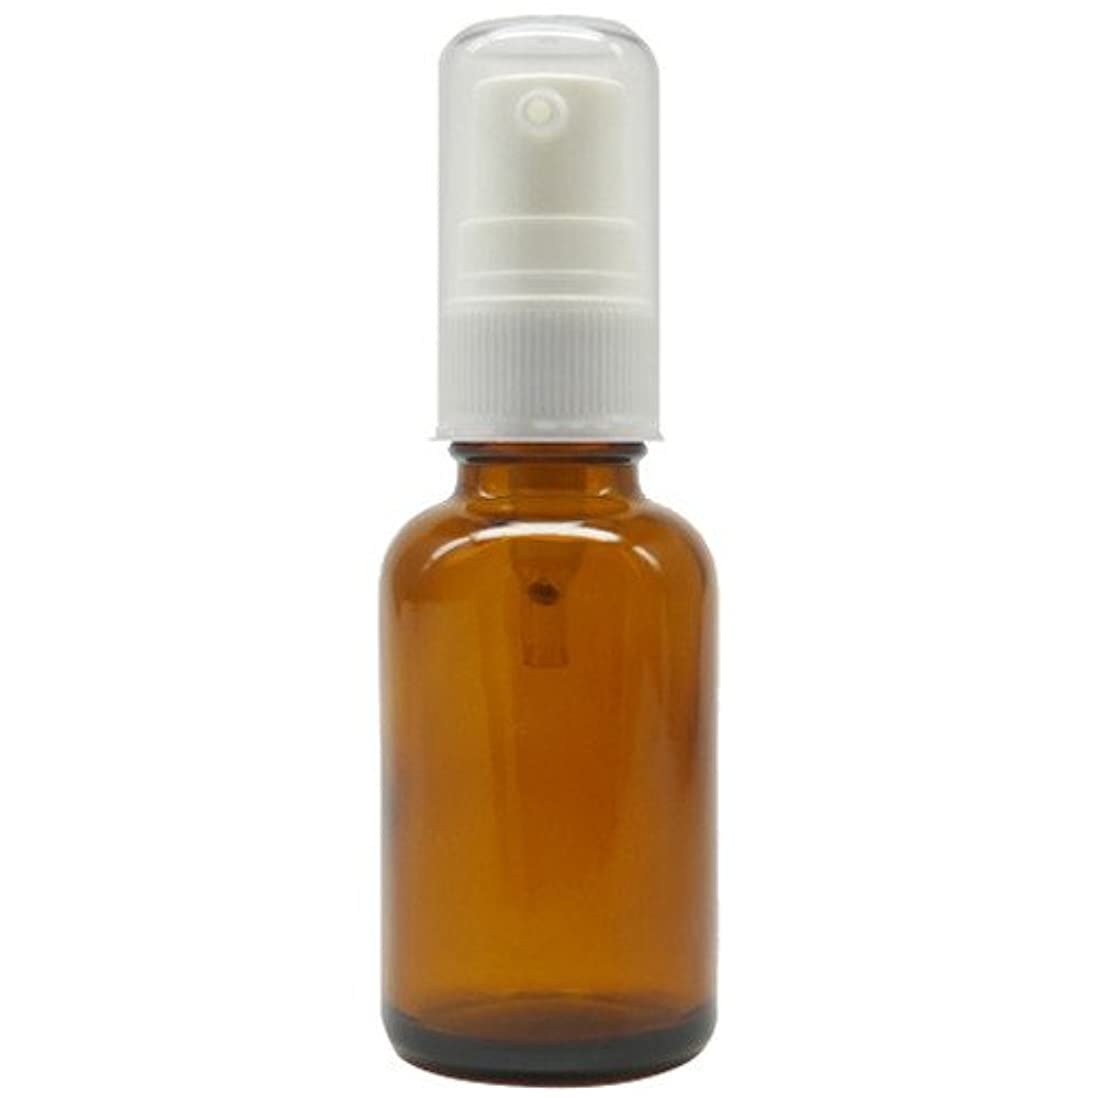 取る取るに足らない佐賀アロマアンドライフ (D)茶褐色ポンプ瓶30ml 3本セット